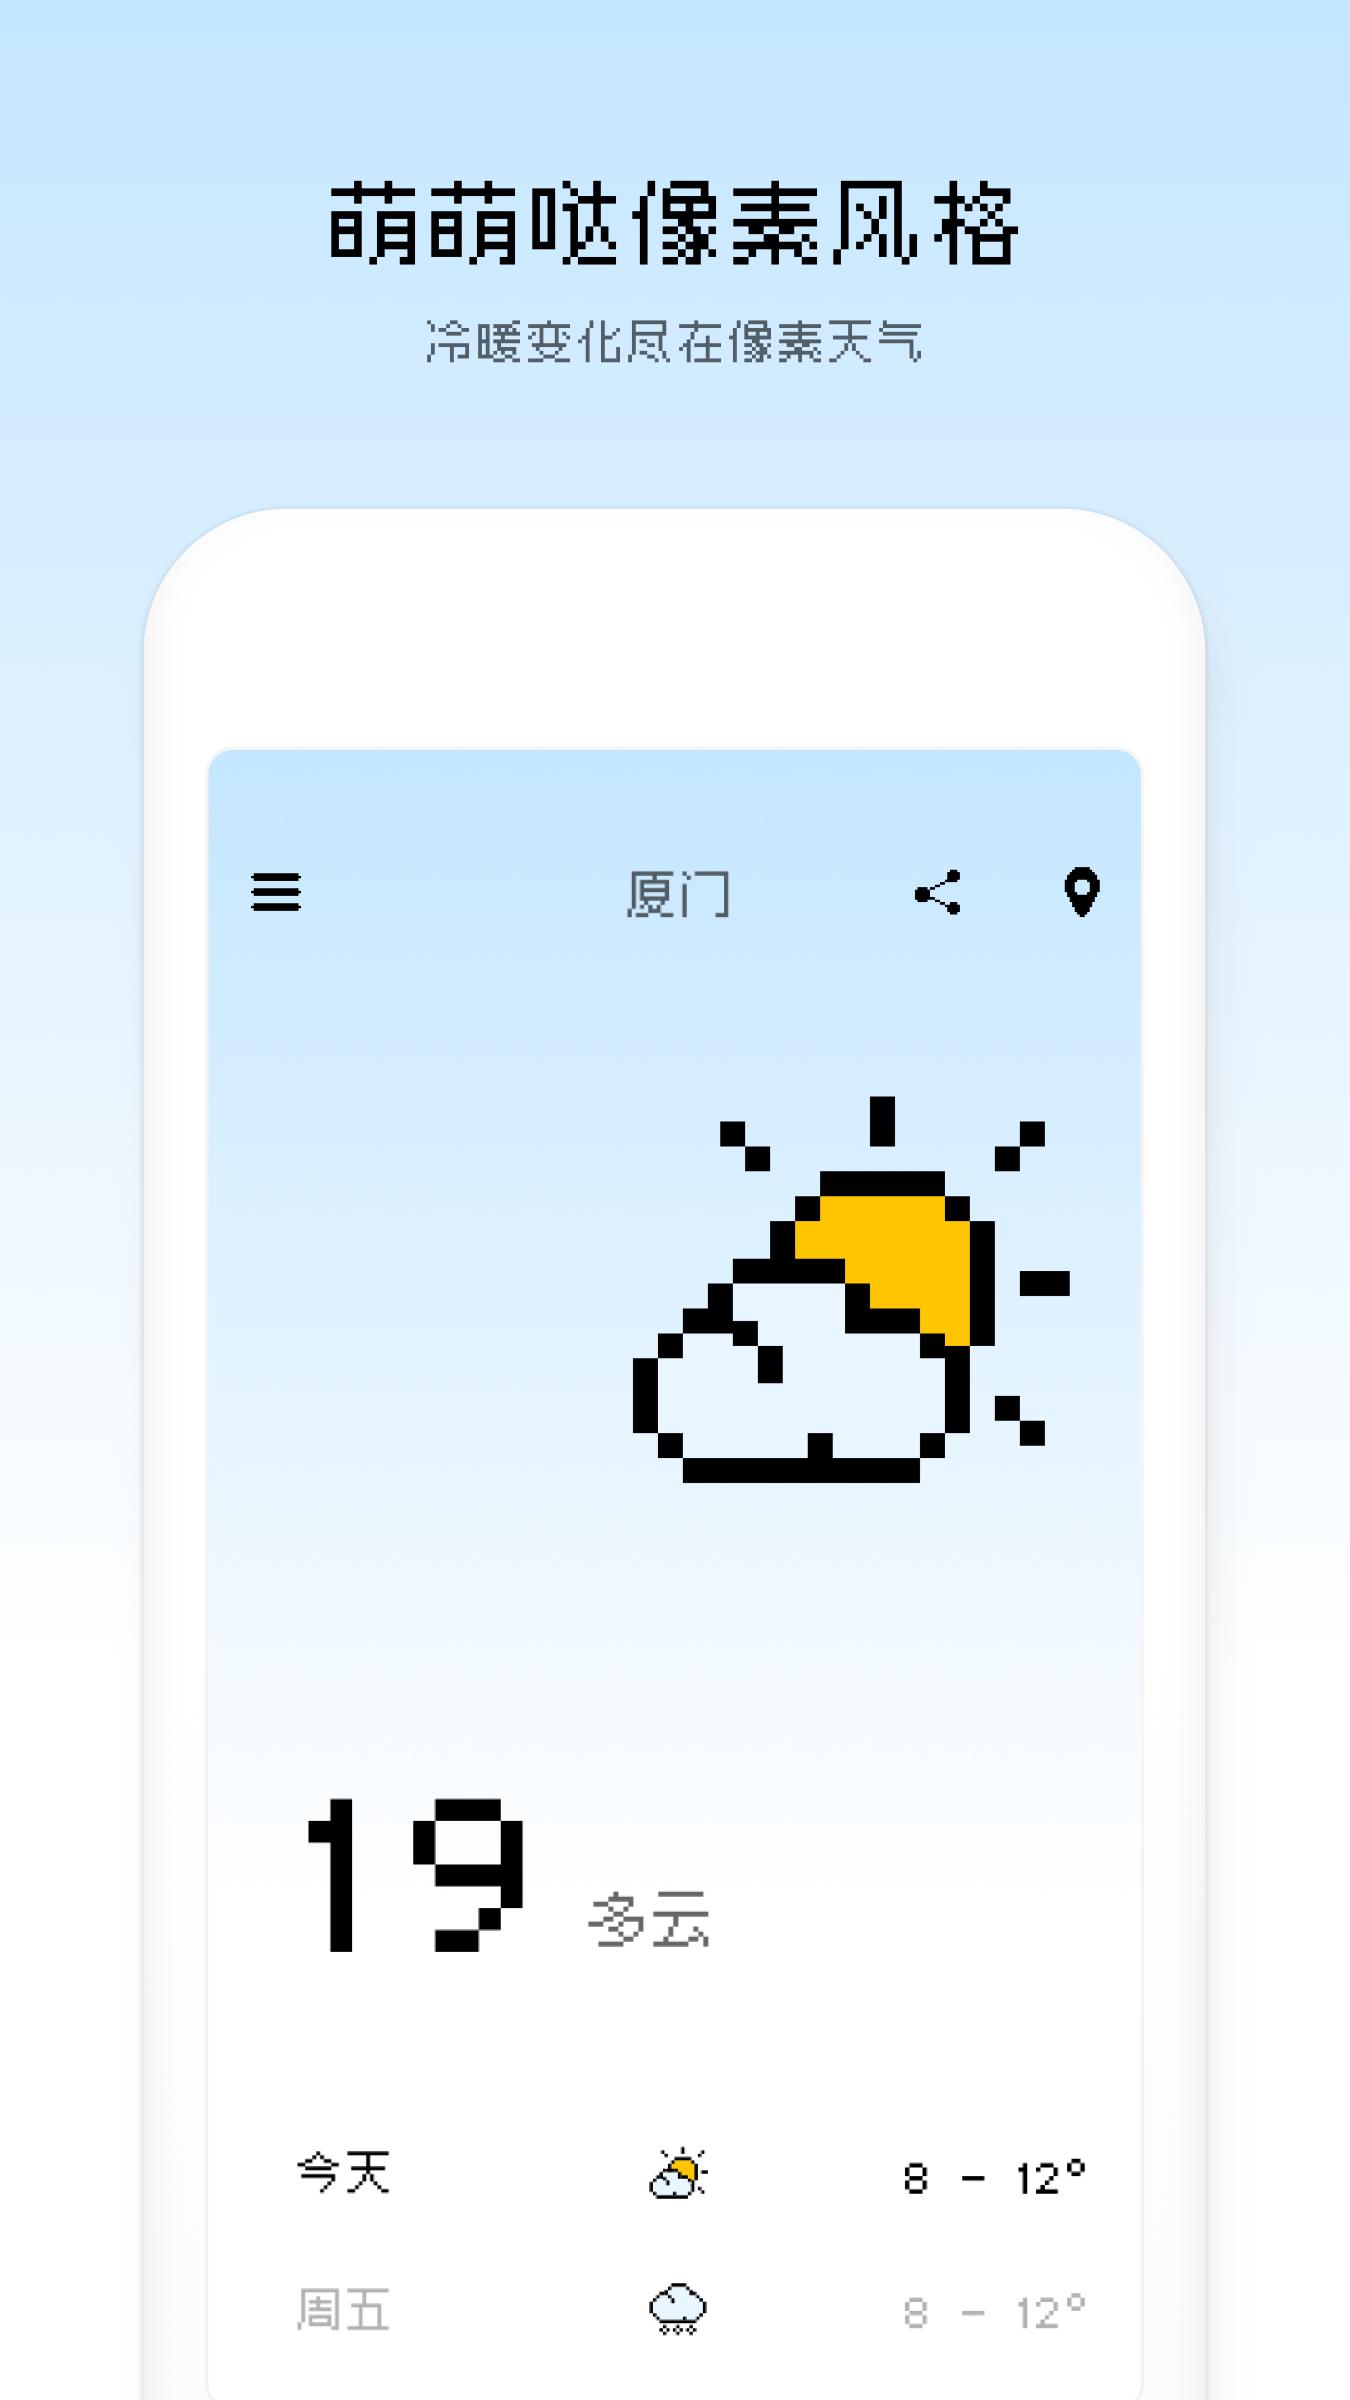 像素天气 V2.20102.0 Android版截图2